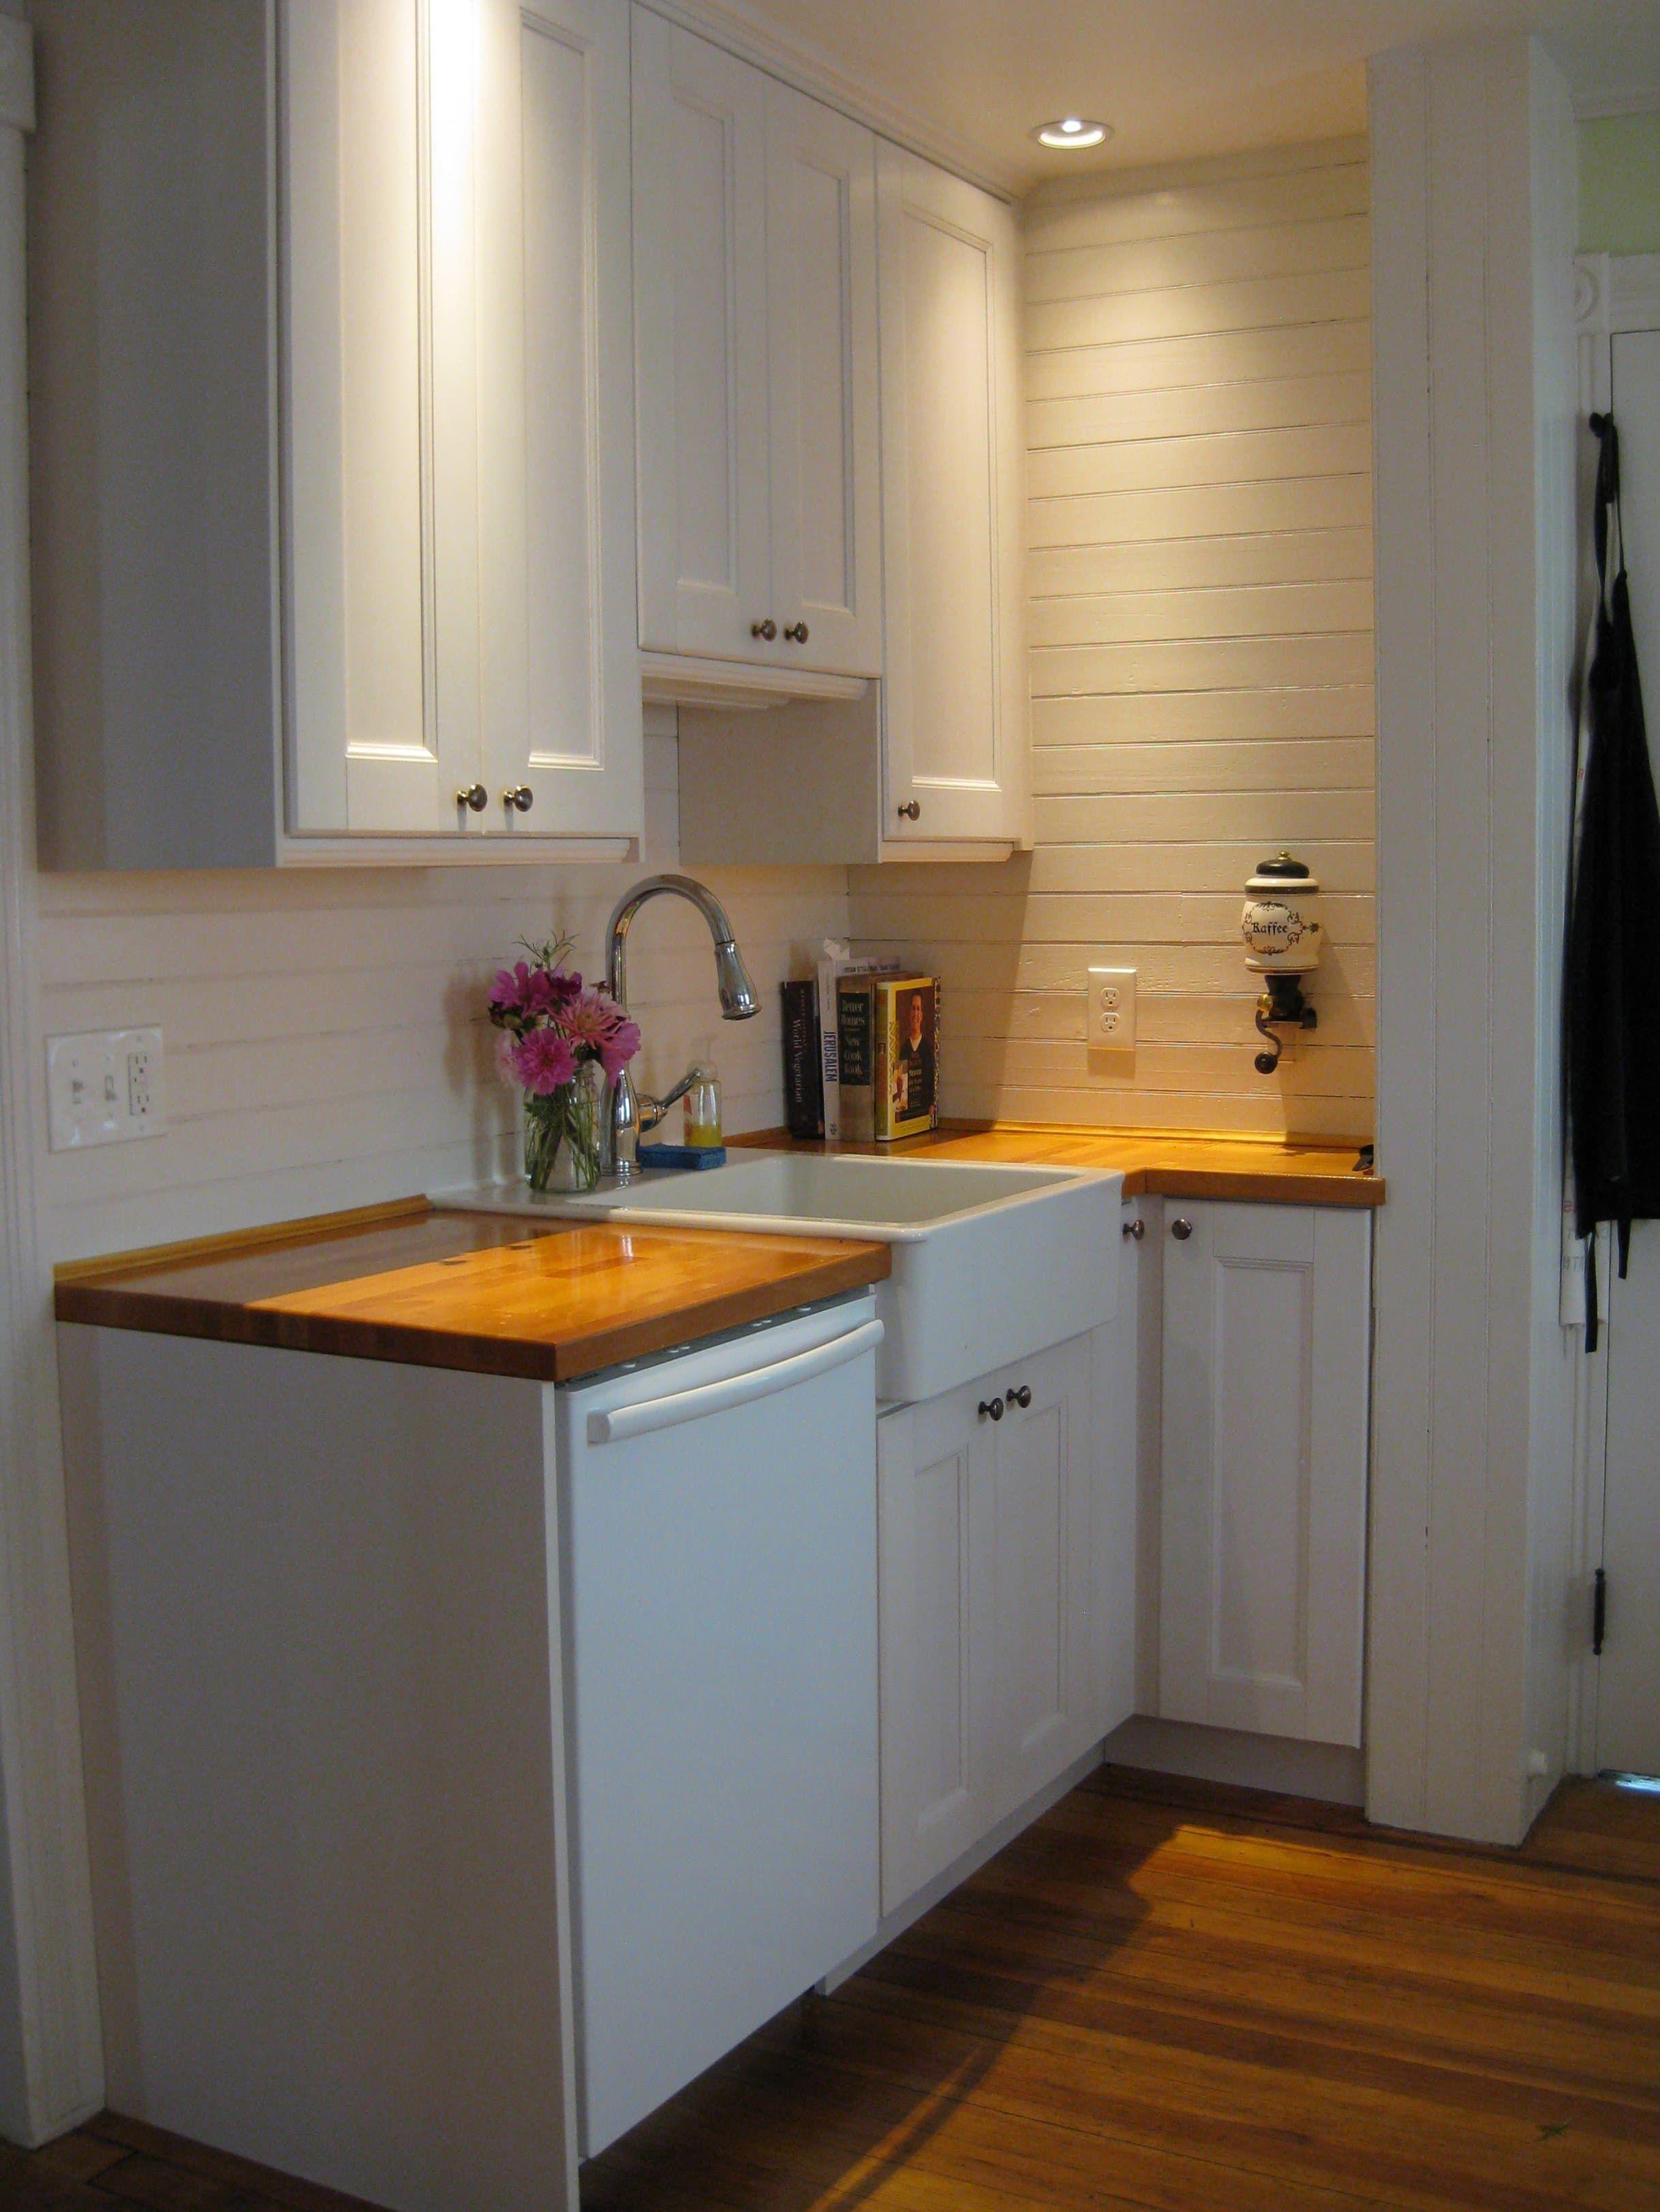 Homey Kitchen Kitchen Before & After A Brighter Yet Still Homey Kitchen